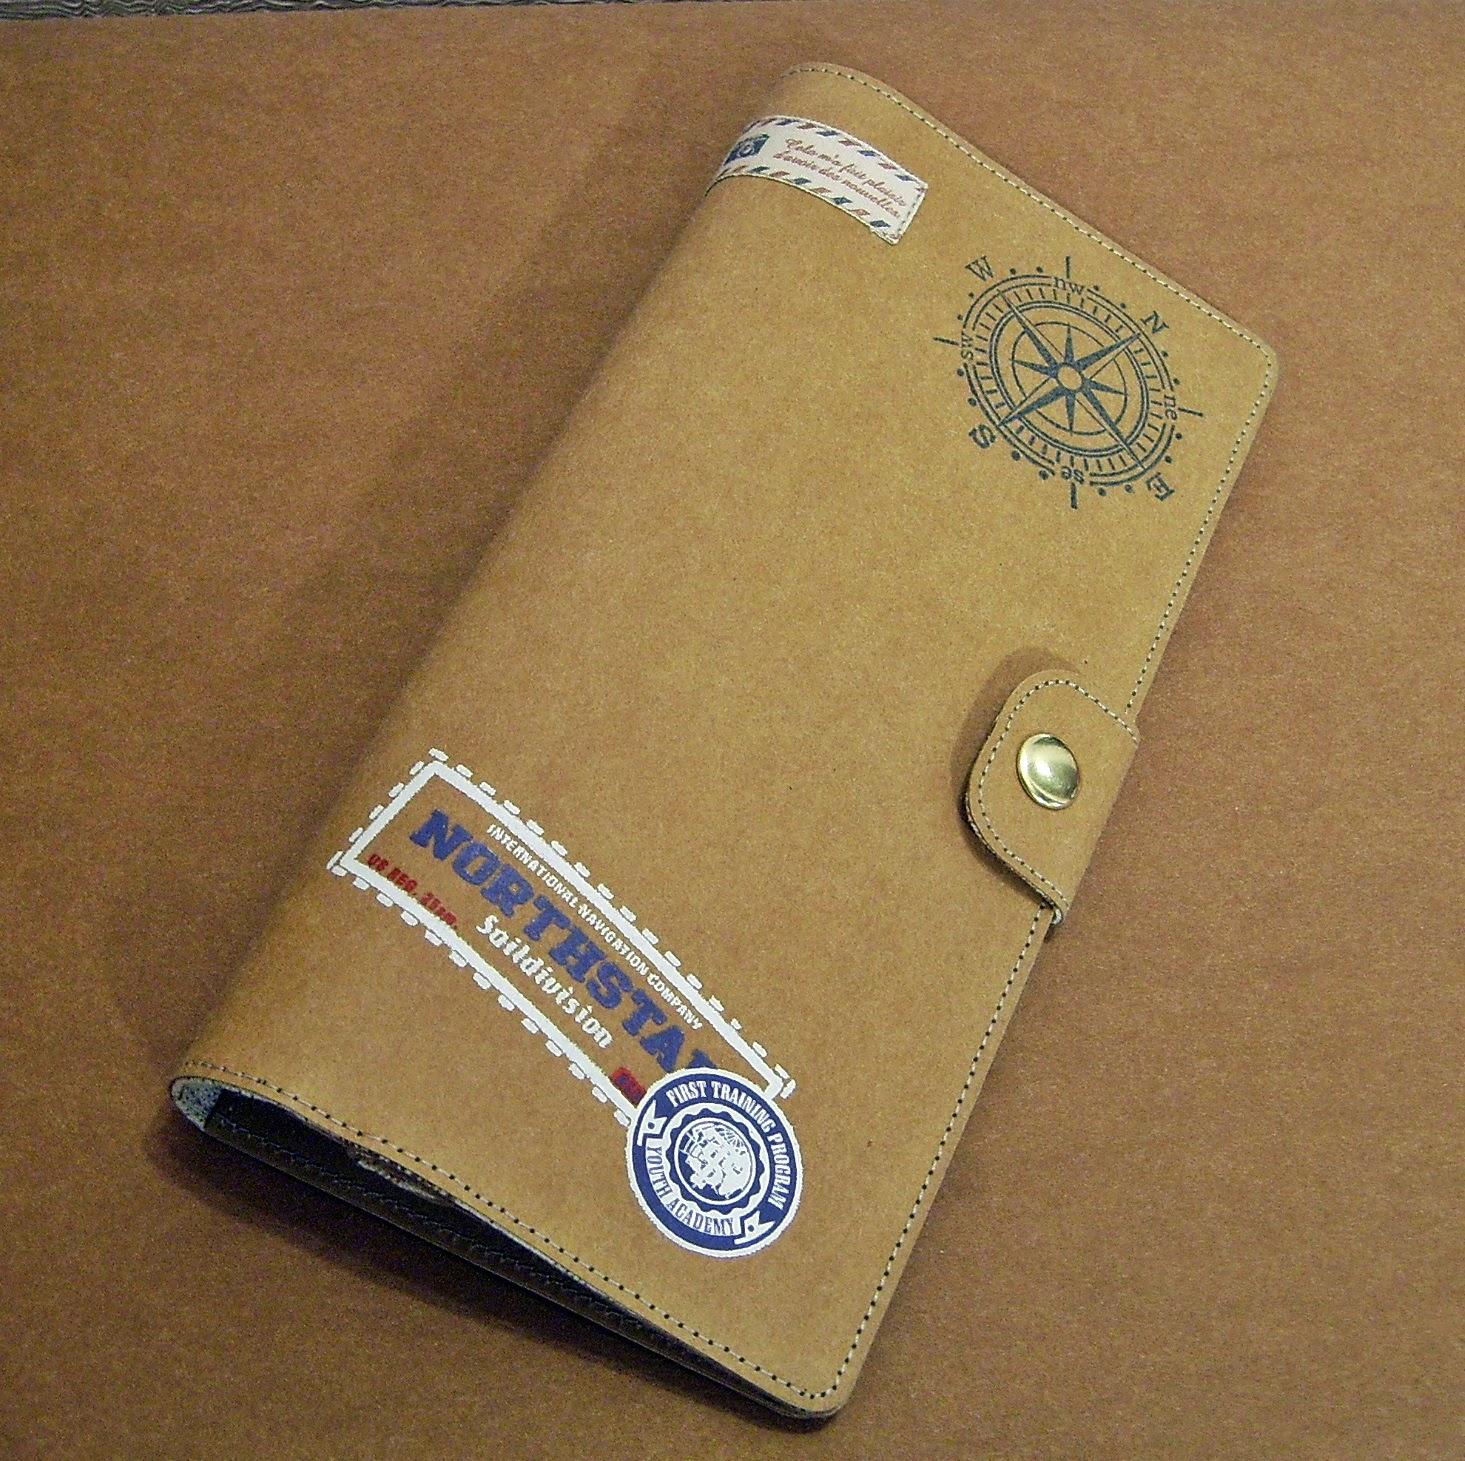 Travel organaizer или холдер для документов путешественника